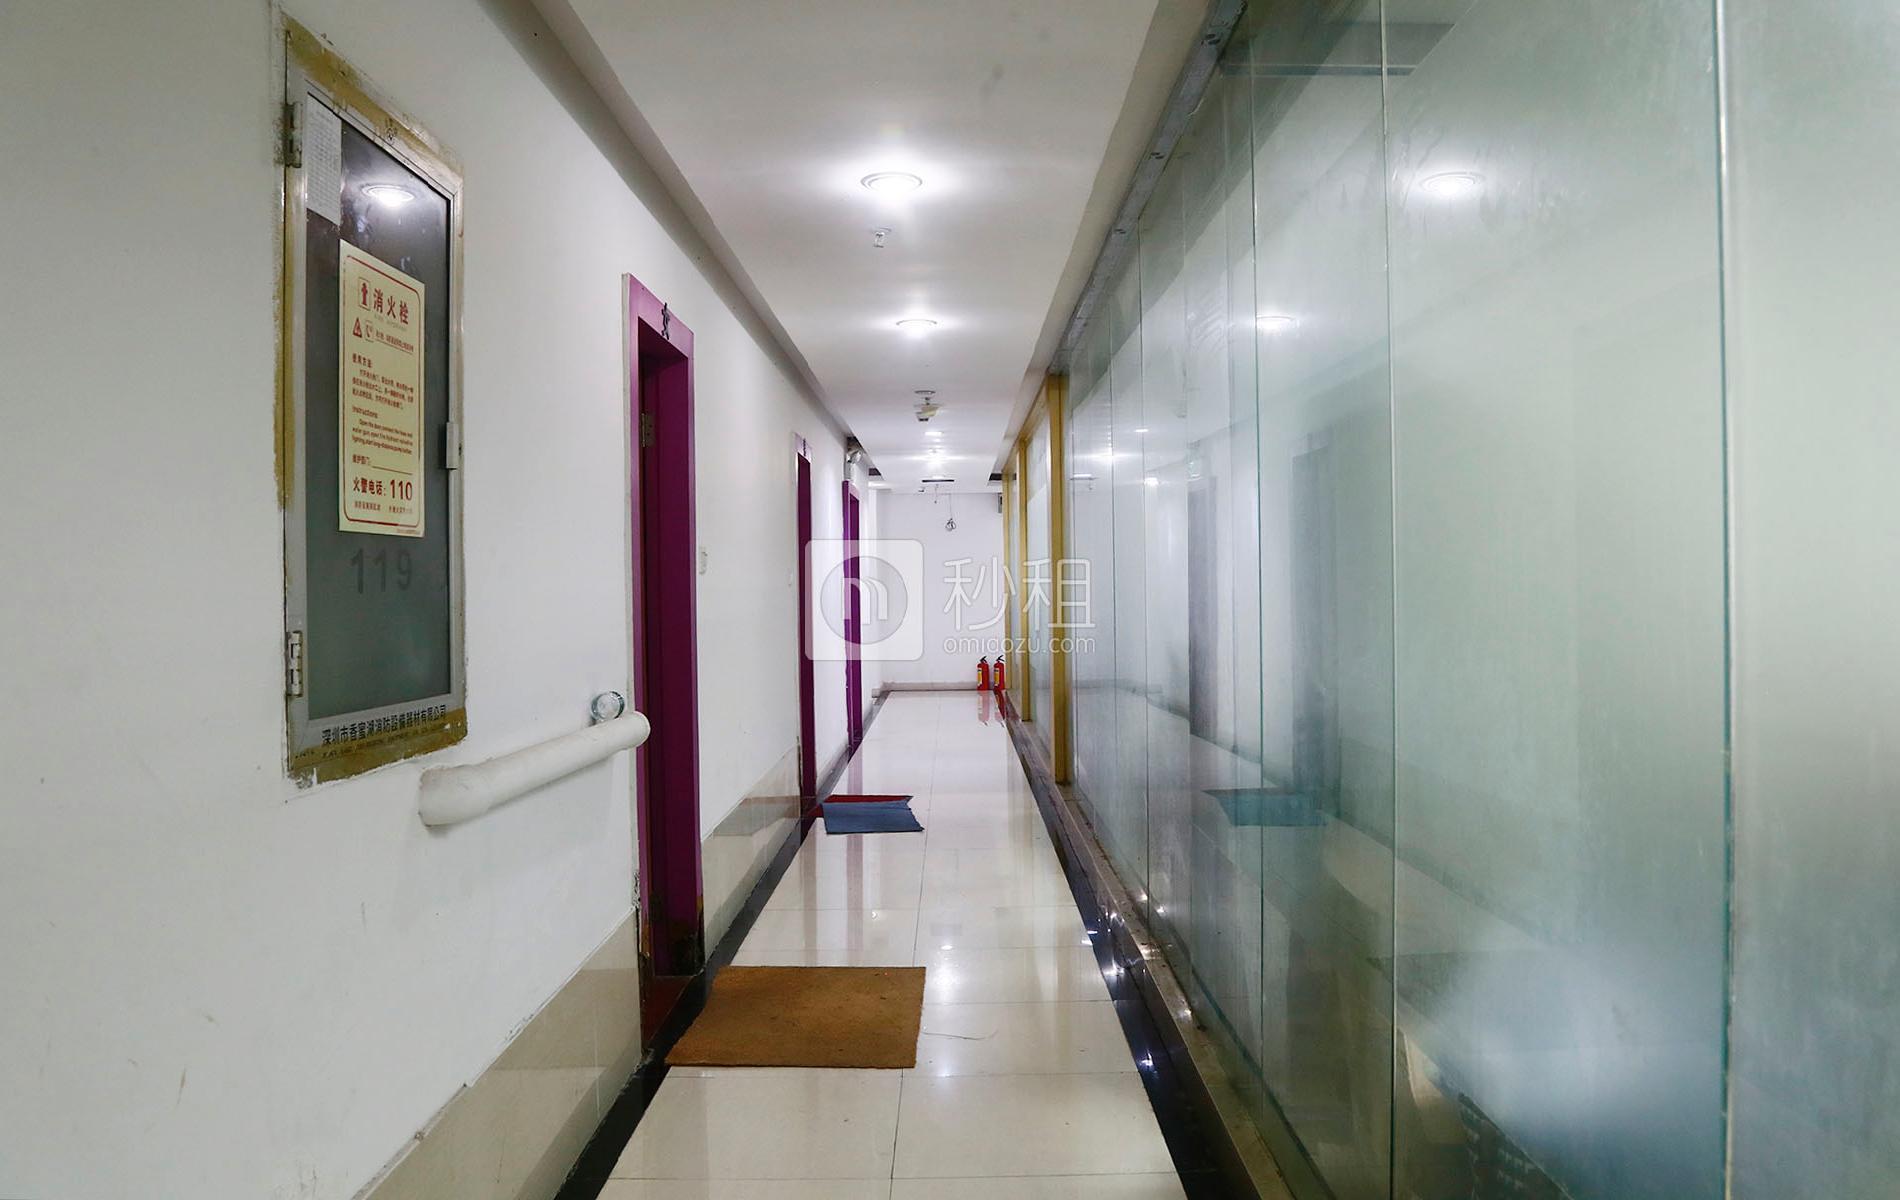 桂都大厦写字楼出租/招租/租赁,桂都大厦办公室出租/招租/租赁